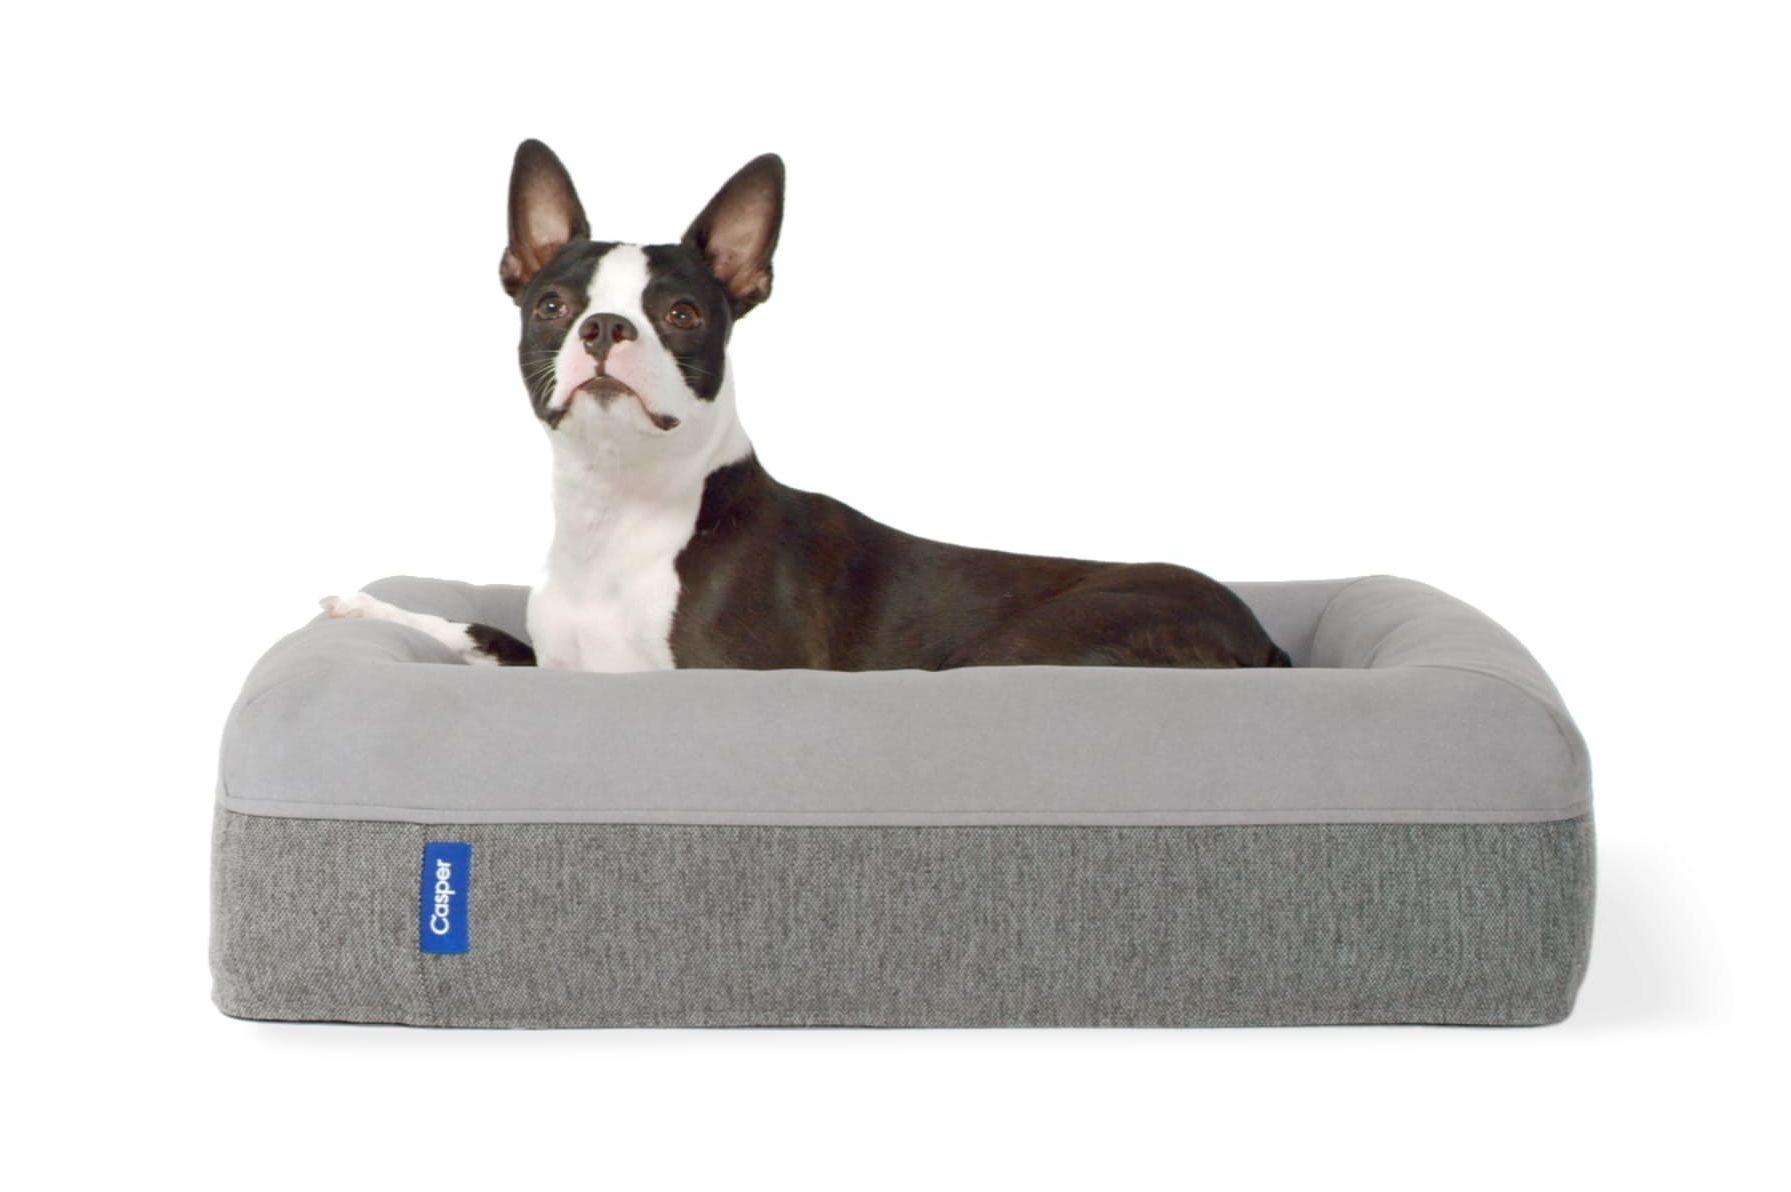 Casper dog mattress awake poster equrrw